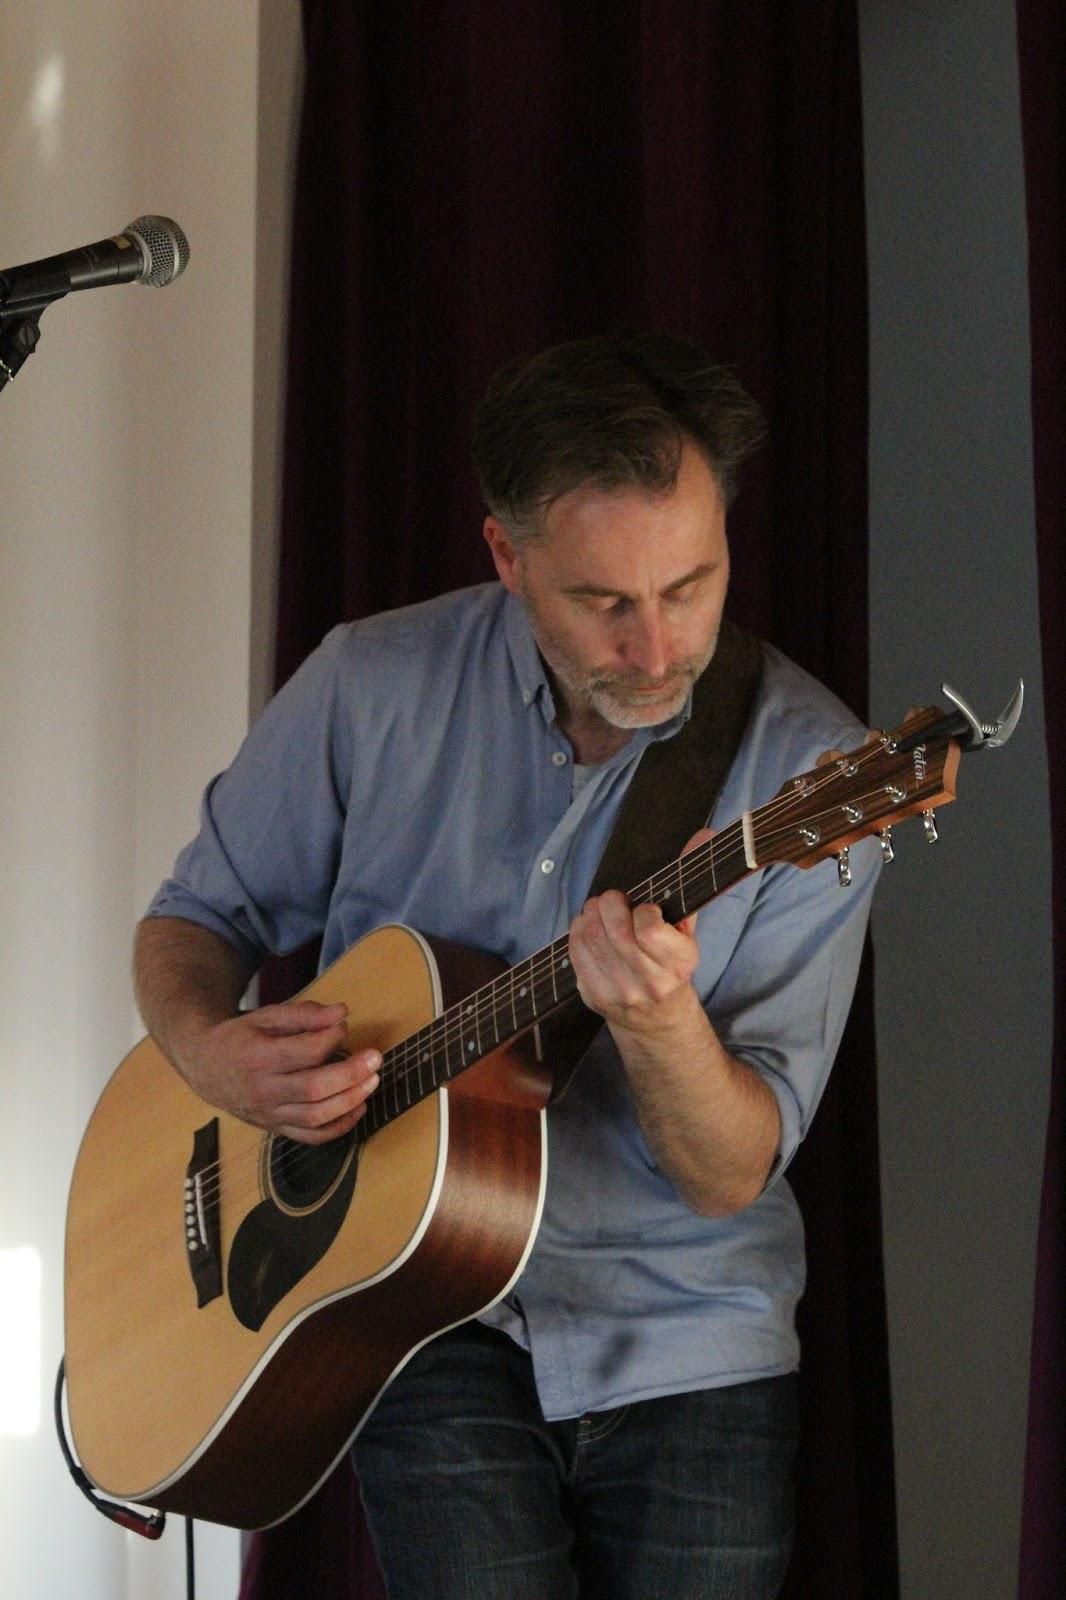 Vor Vielen Liedern Erzhlte Dirk Geschichten Ber Ihre Entstehung Oder Die Dahinter Beim Besten Stck Des Abends Pop Guitars Vom Aktuellen